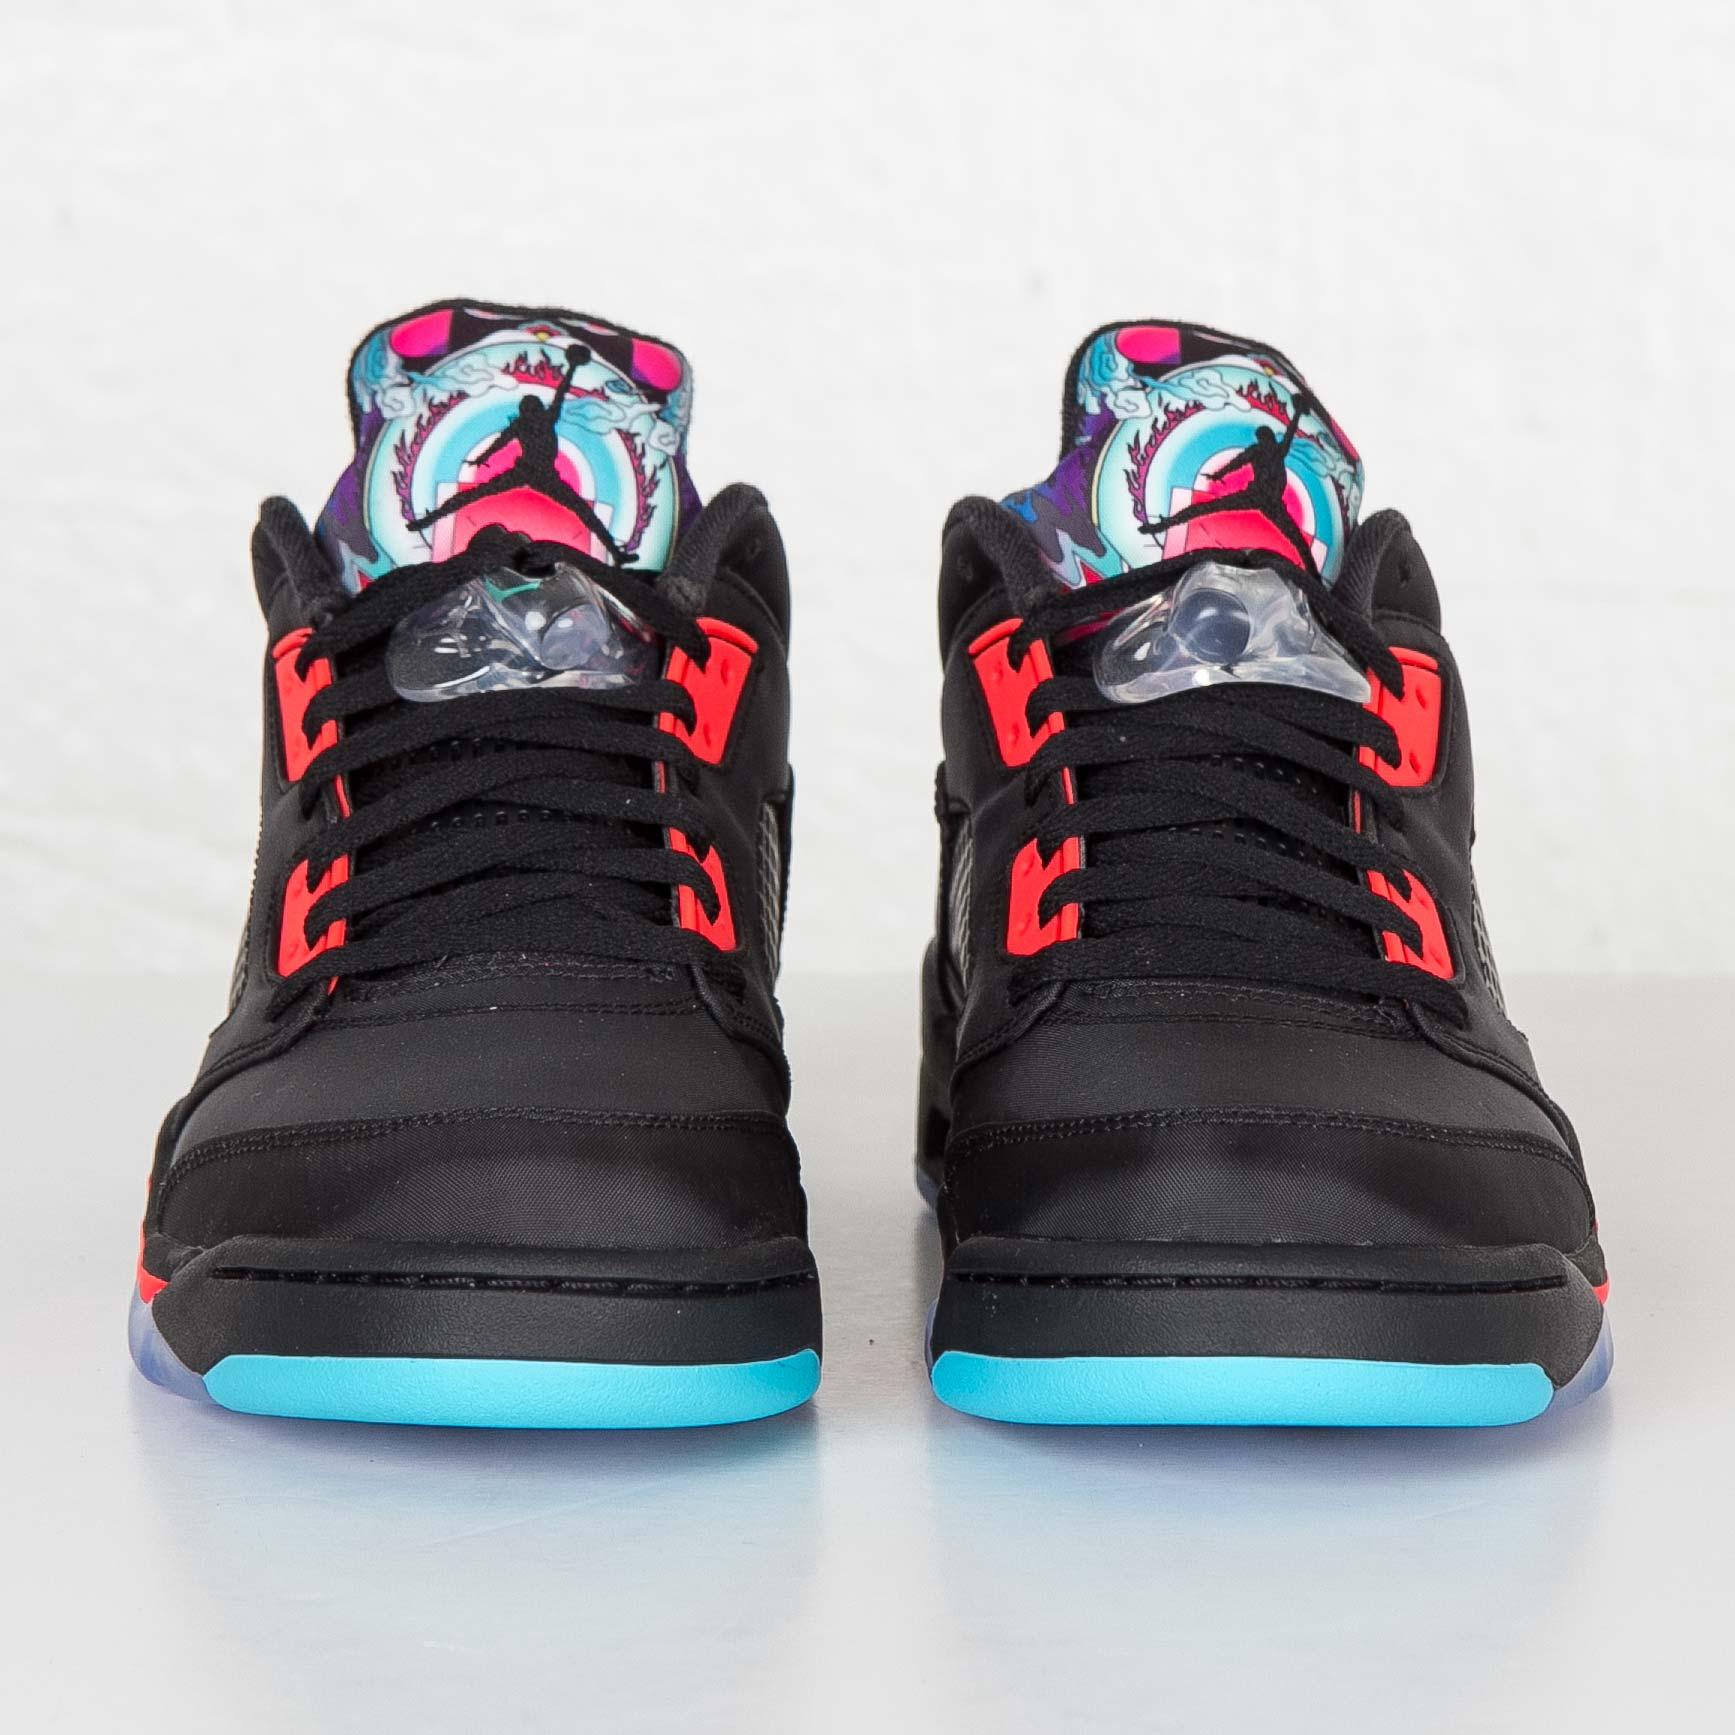 the best attitude 405ba 6f13a Jordan Brand Air Jordan 5 Retro CNY - 840475-060 - Sneakersnstuff    sneakers   streetwear online since 1999